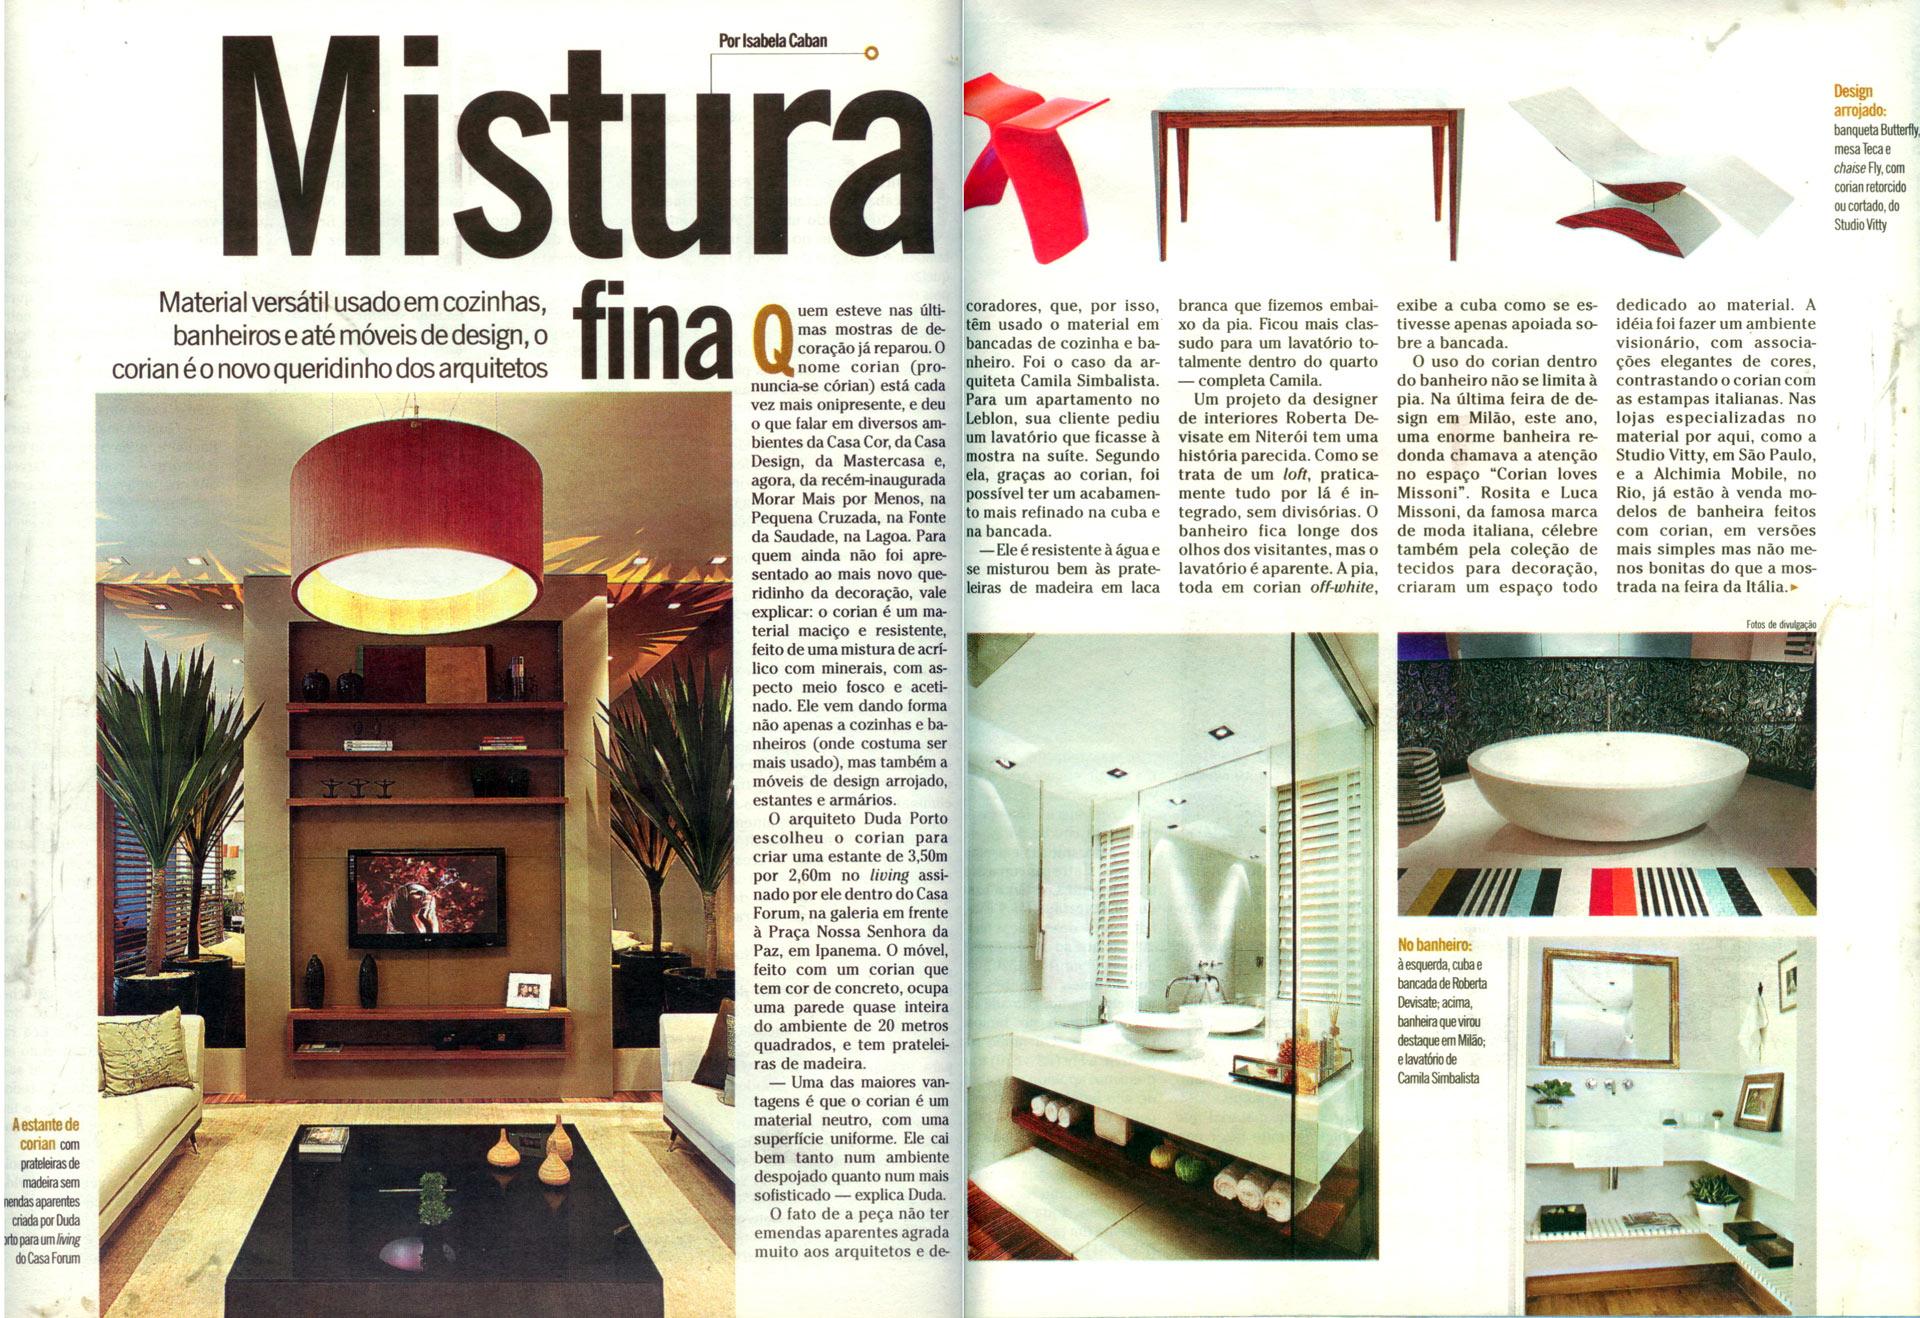 corian---Revista-O-Globo